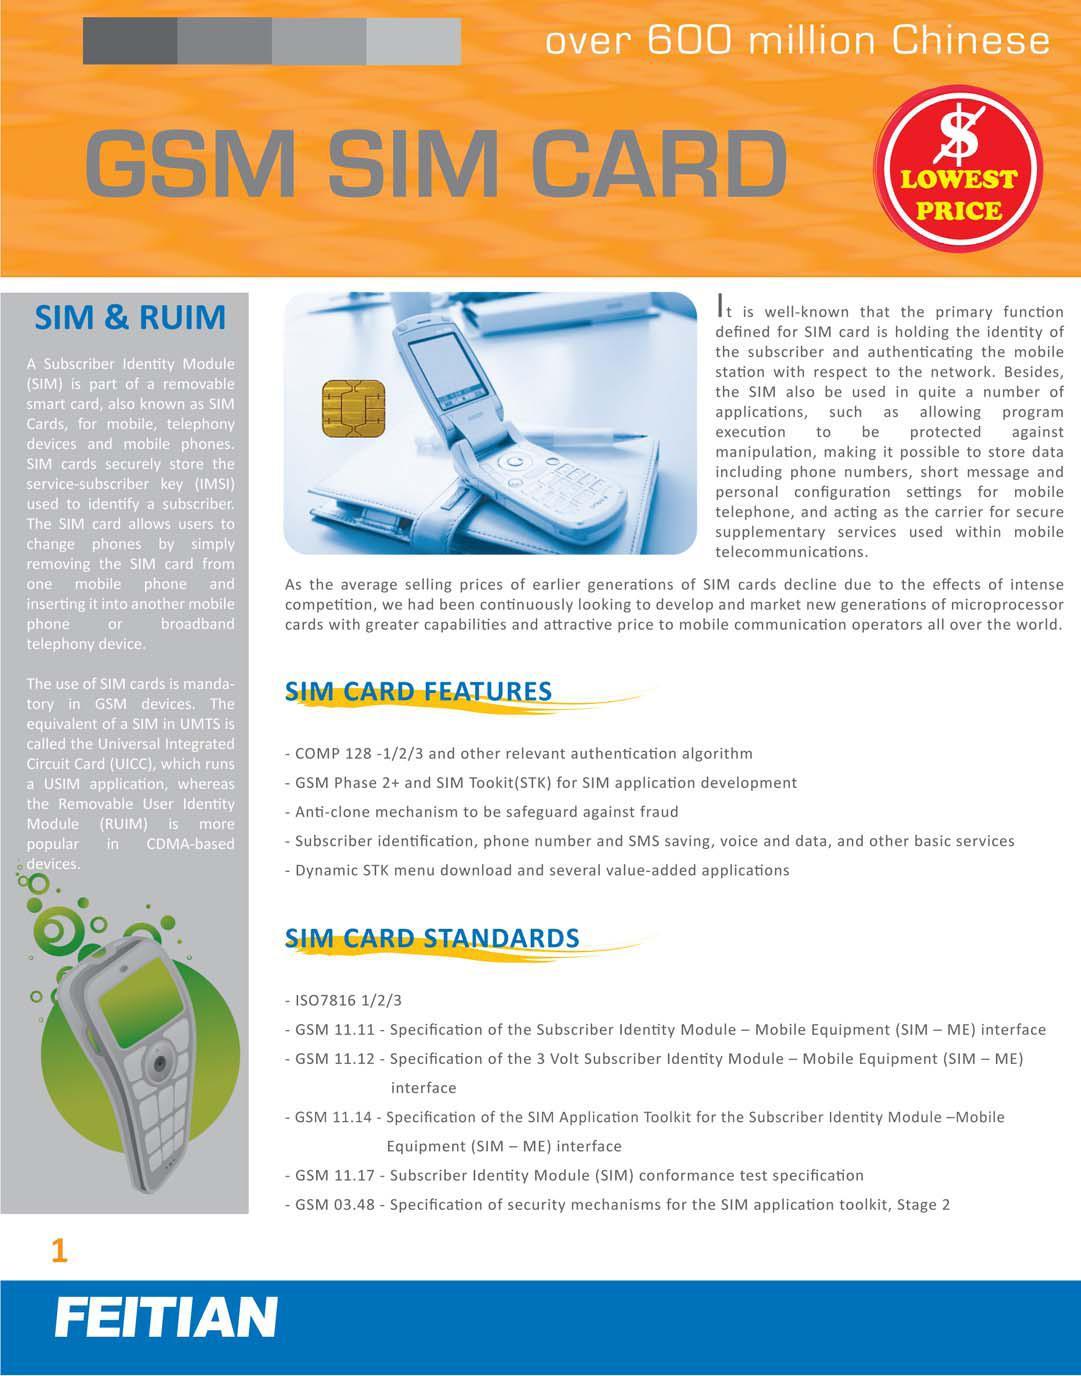 gsm sim card download,